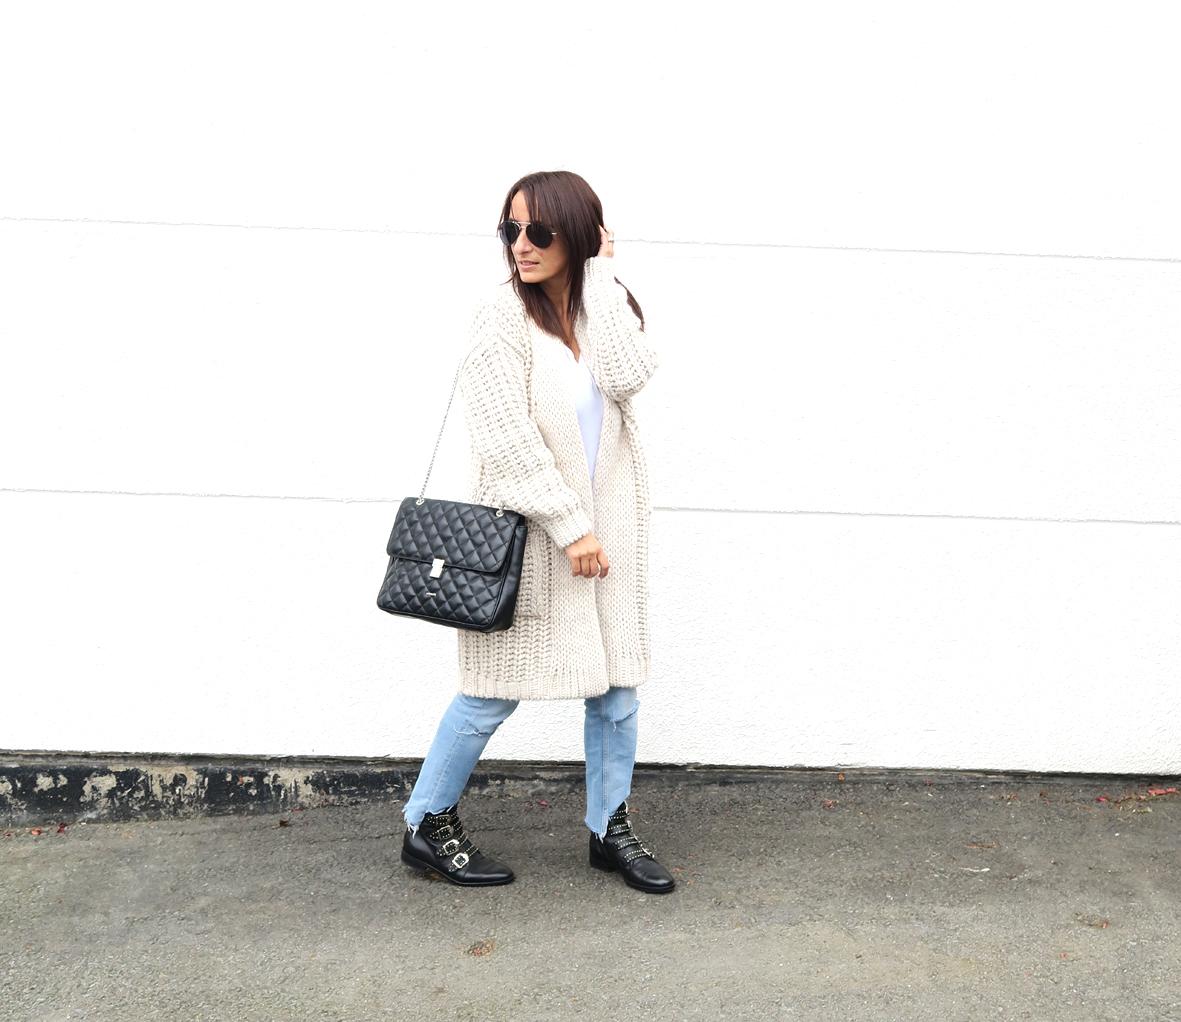 nieten-boots-herbstlook-streetstyle-autumn-blogger-fashion-outfit-zara-5